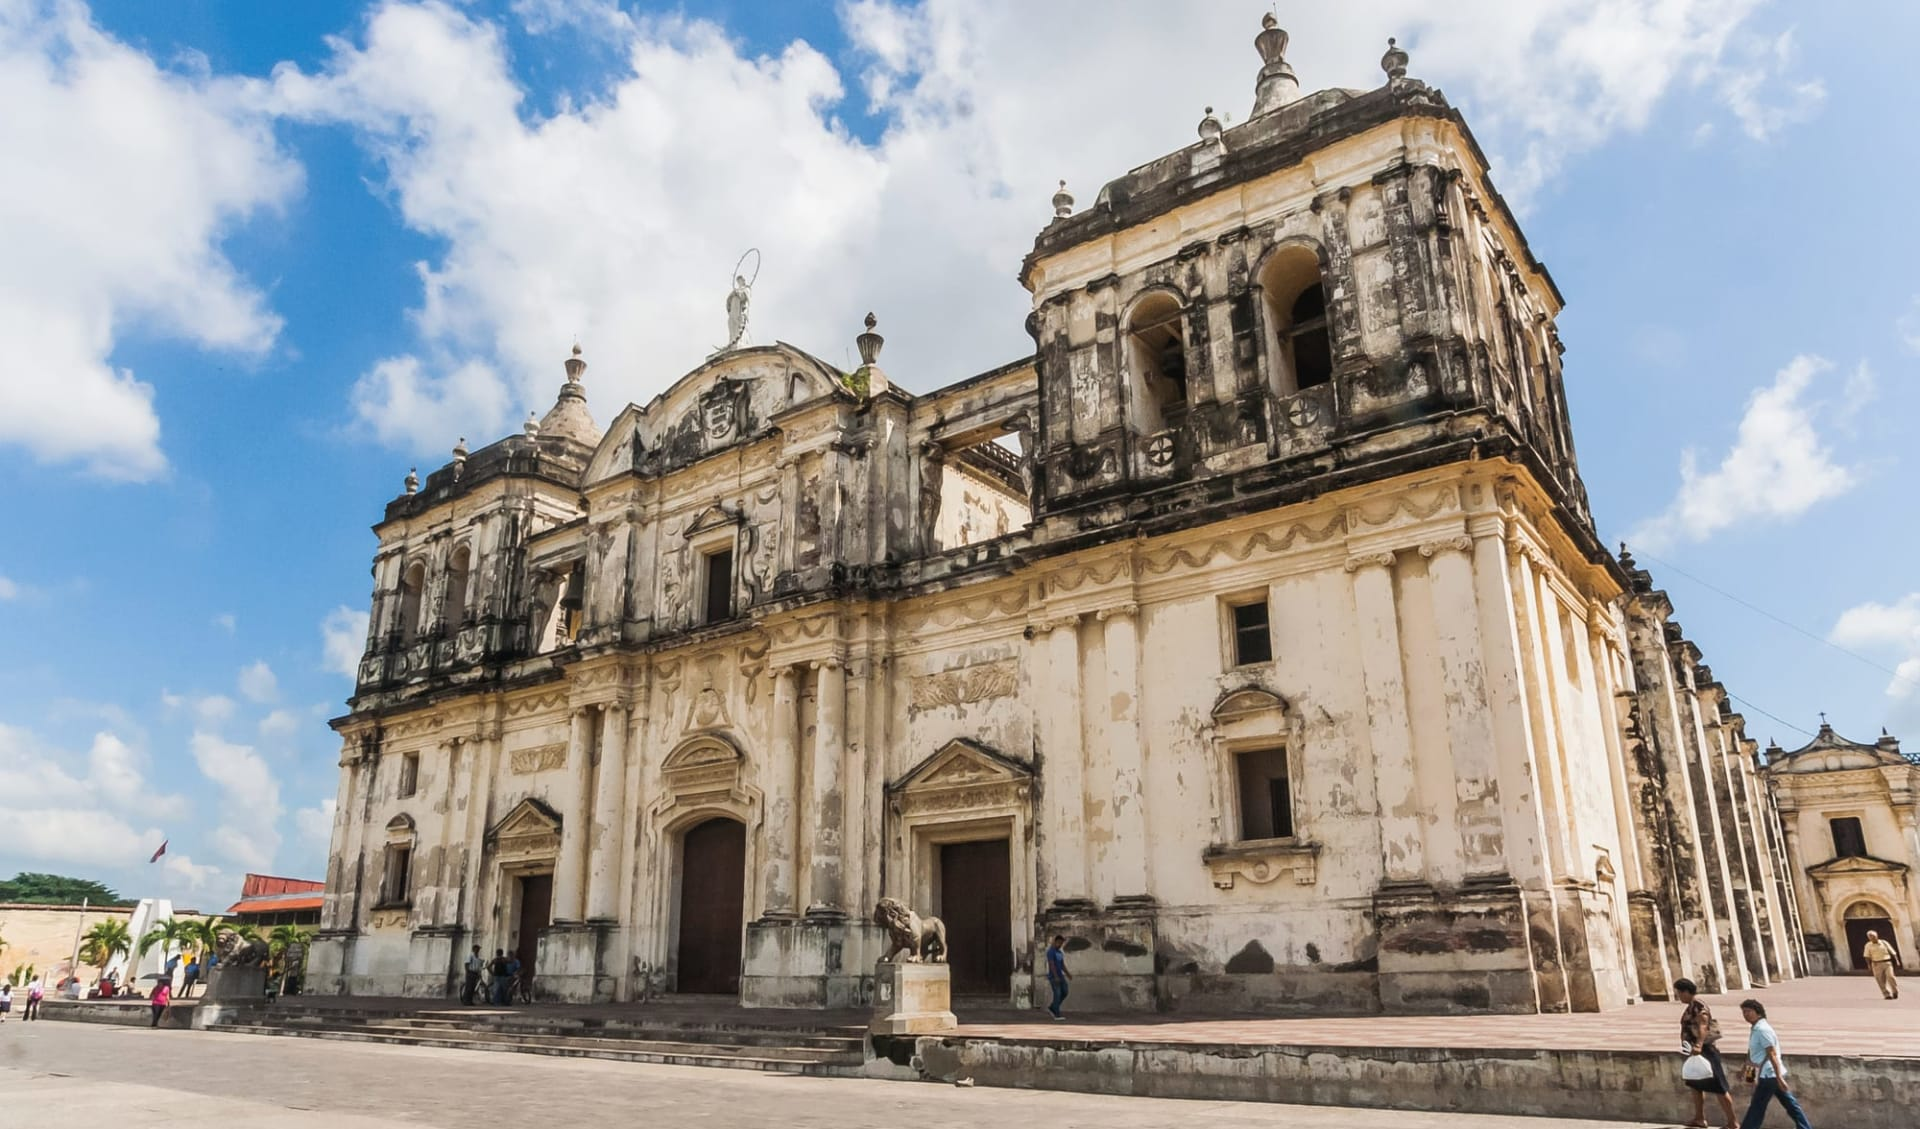 Gruppenreise Höhepunkte Nicaragua ab Managua: Kathedrale von León